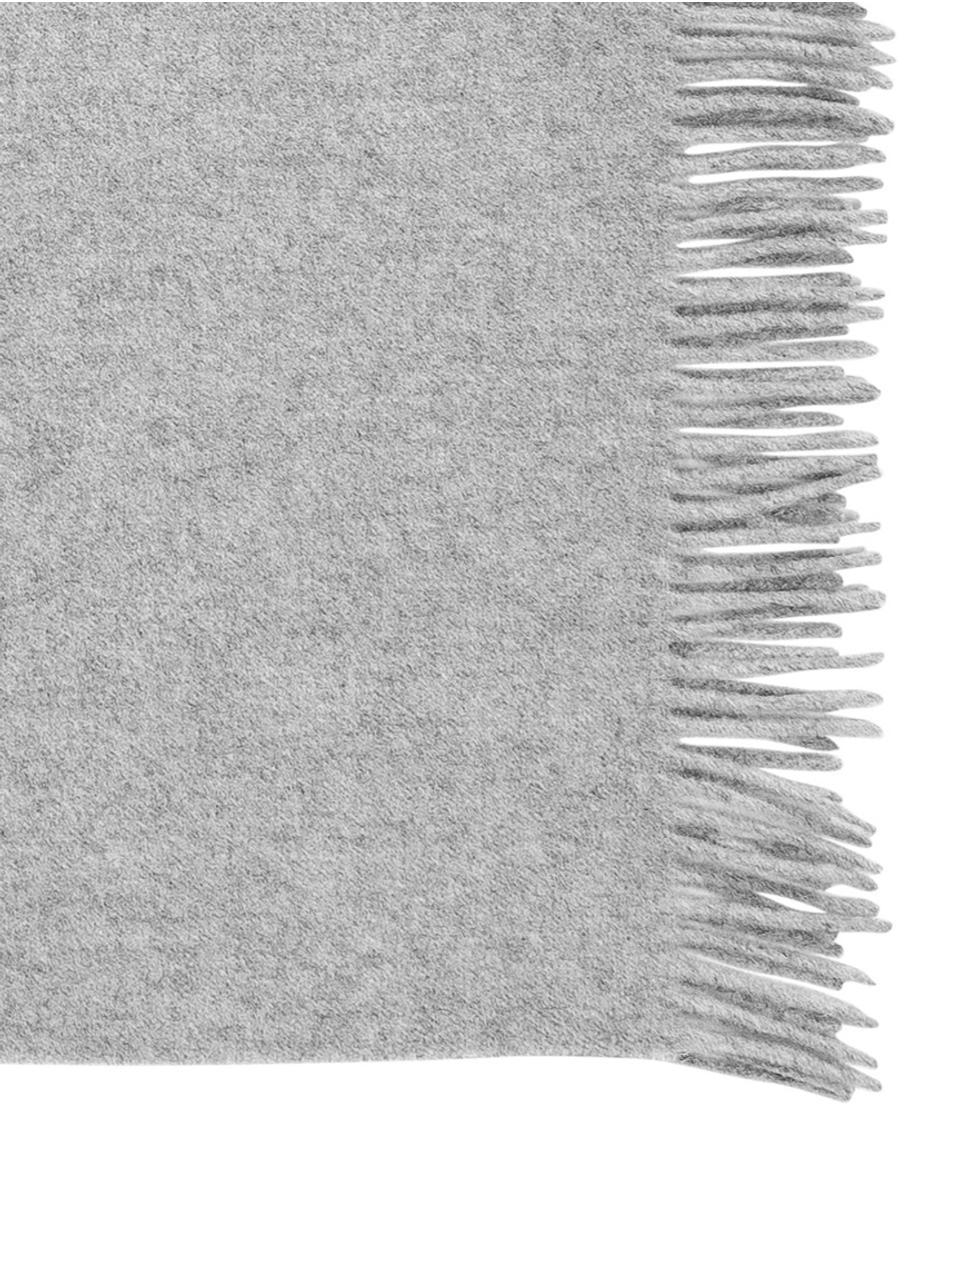 Scheerwollen plaid Lena in grijs, 100% scheerwol met ruw gevoel, Lichtgrijs, 130 x 170 cm